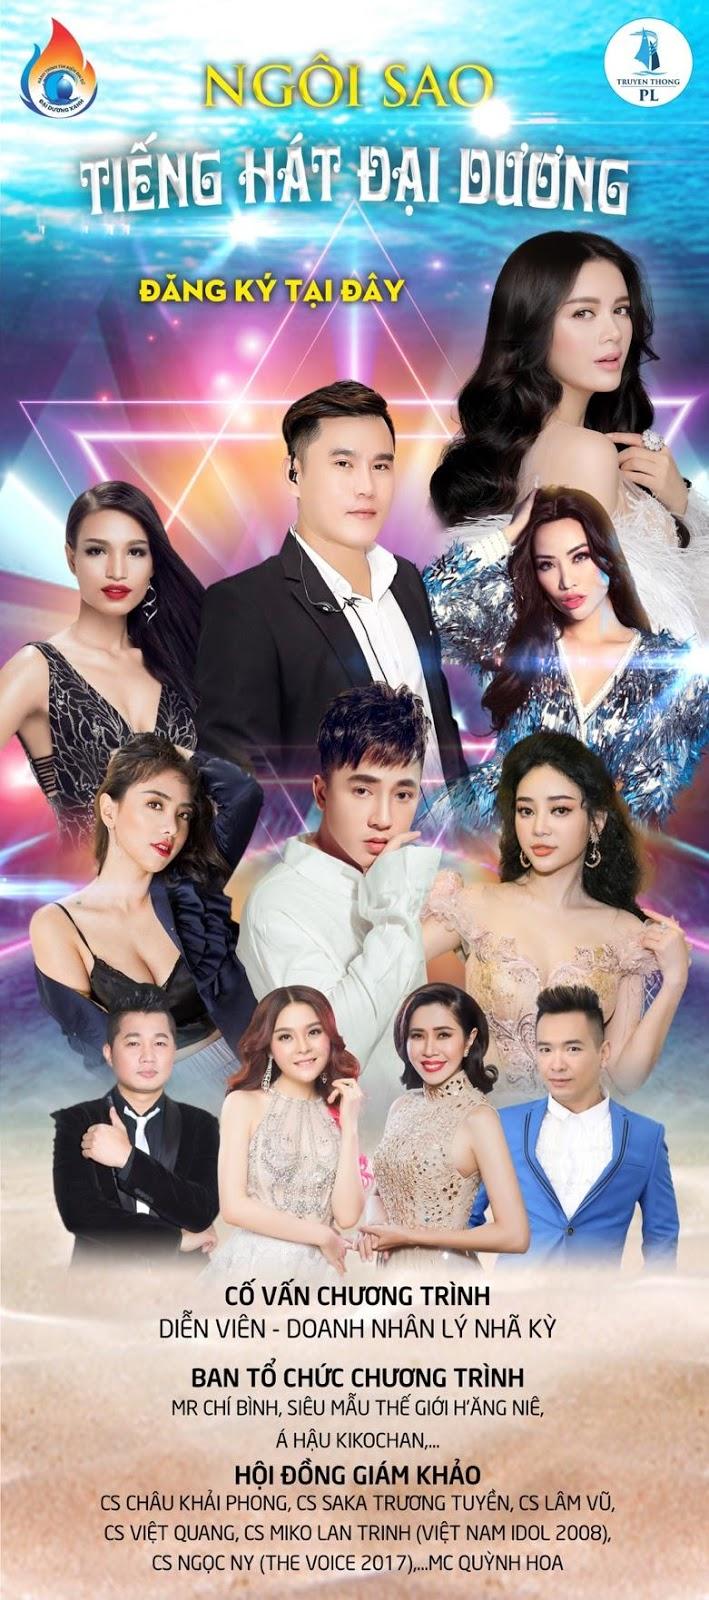 """Miko Lan Trinh bất ngờ làm giám khảo khách mời tại cuộc thi """"Ngôi Sao Tiếng Hát Đại Dương"""" - Ảnh 4"""